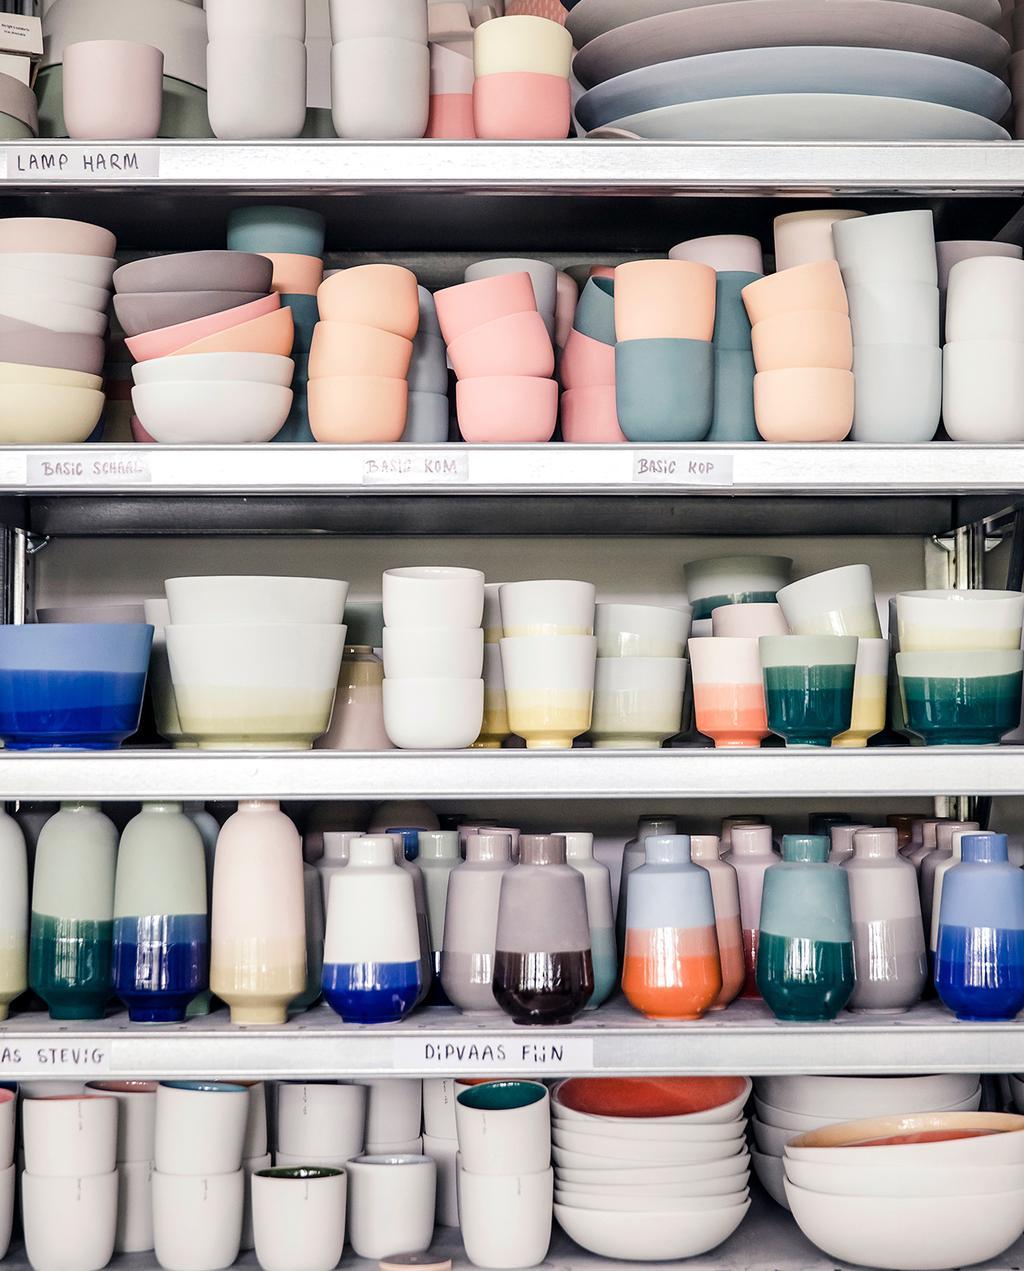 vtwonen DIY special 01 2020 | kast gevuld met servies en vazen